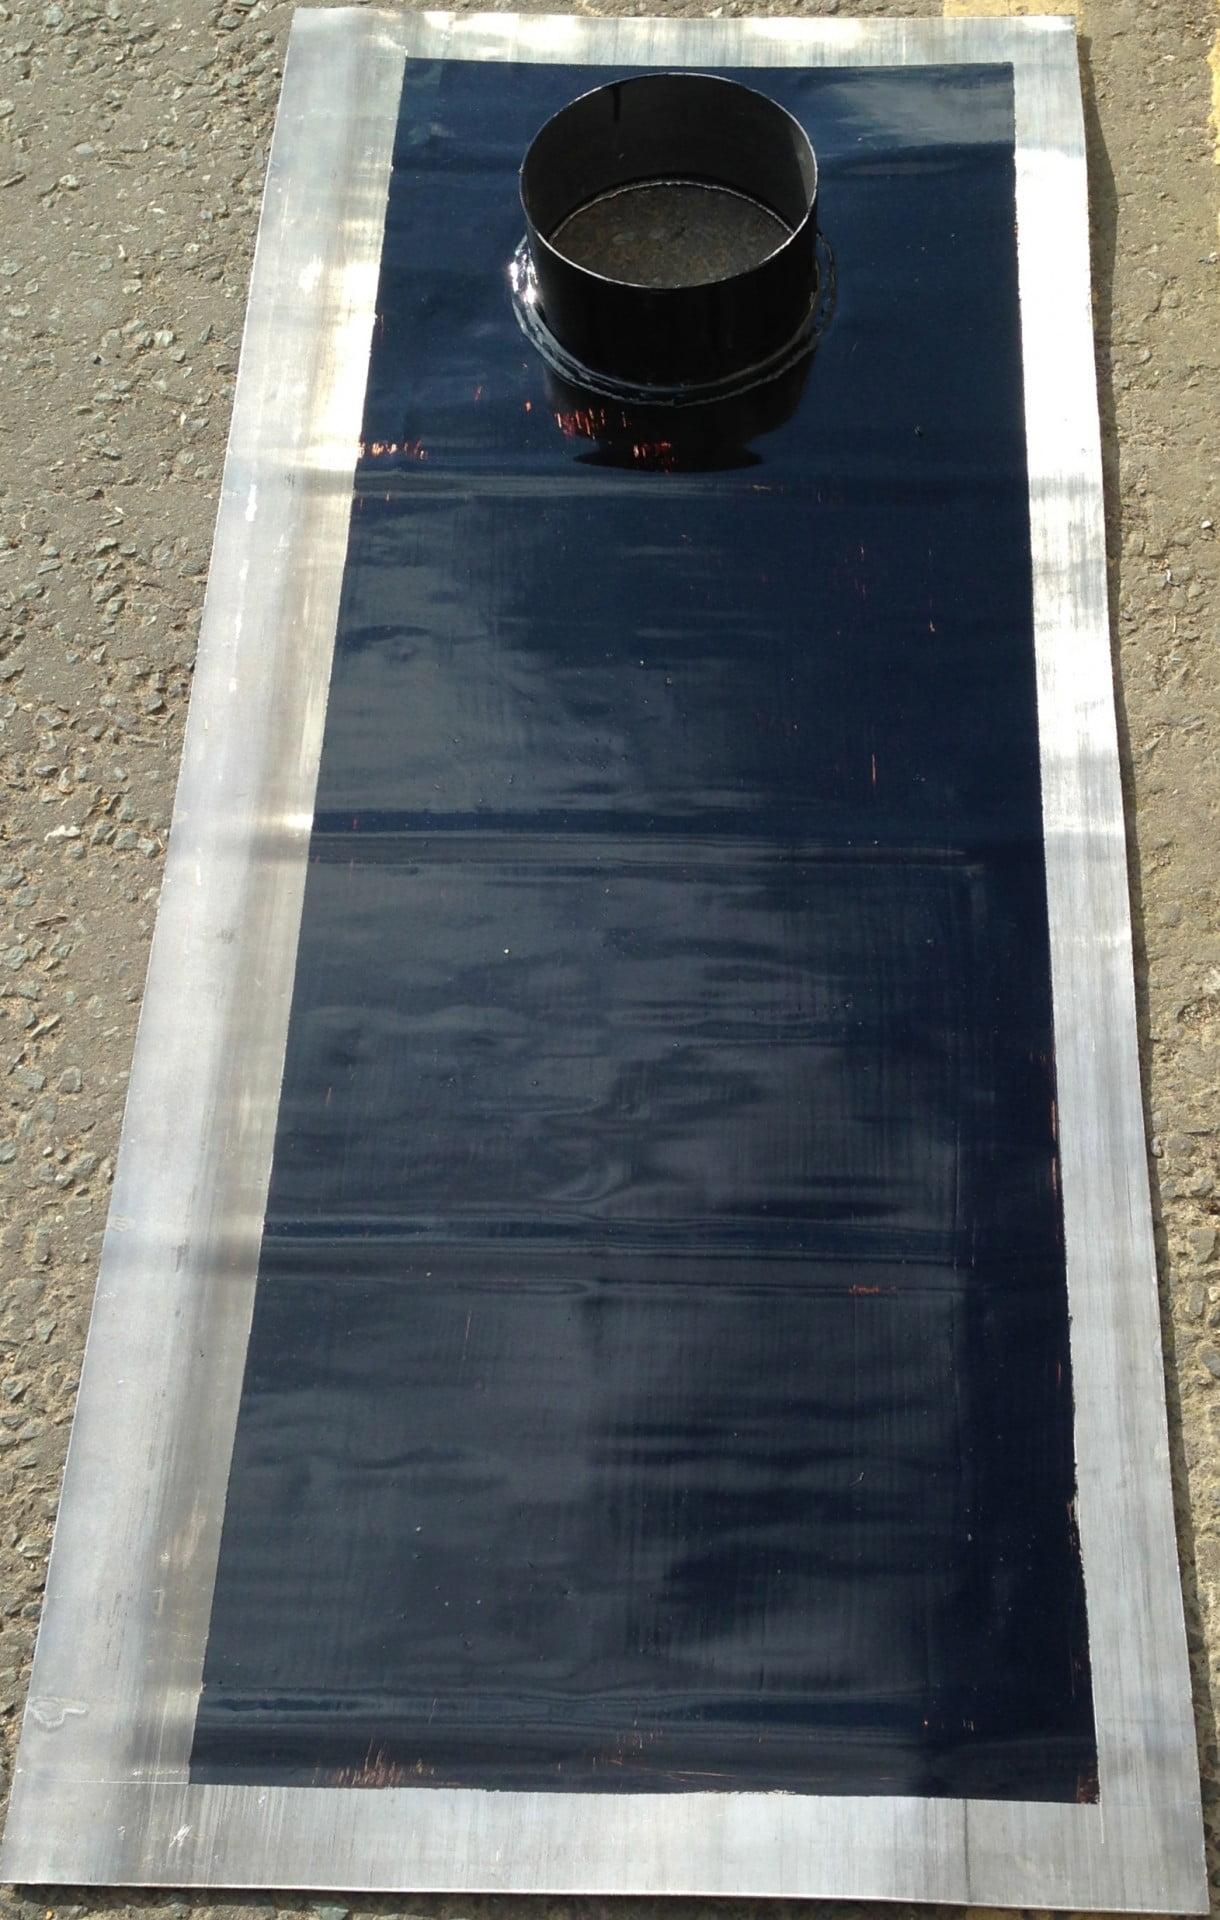 Chimney DPC Tray from sheet lead